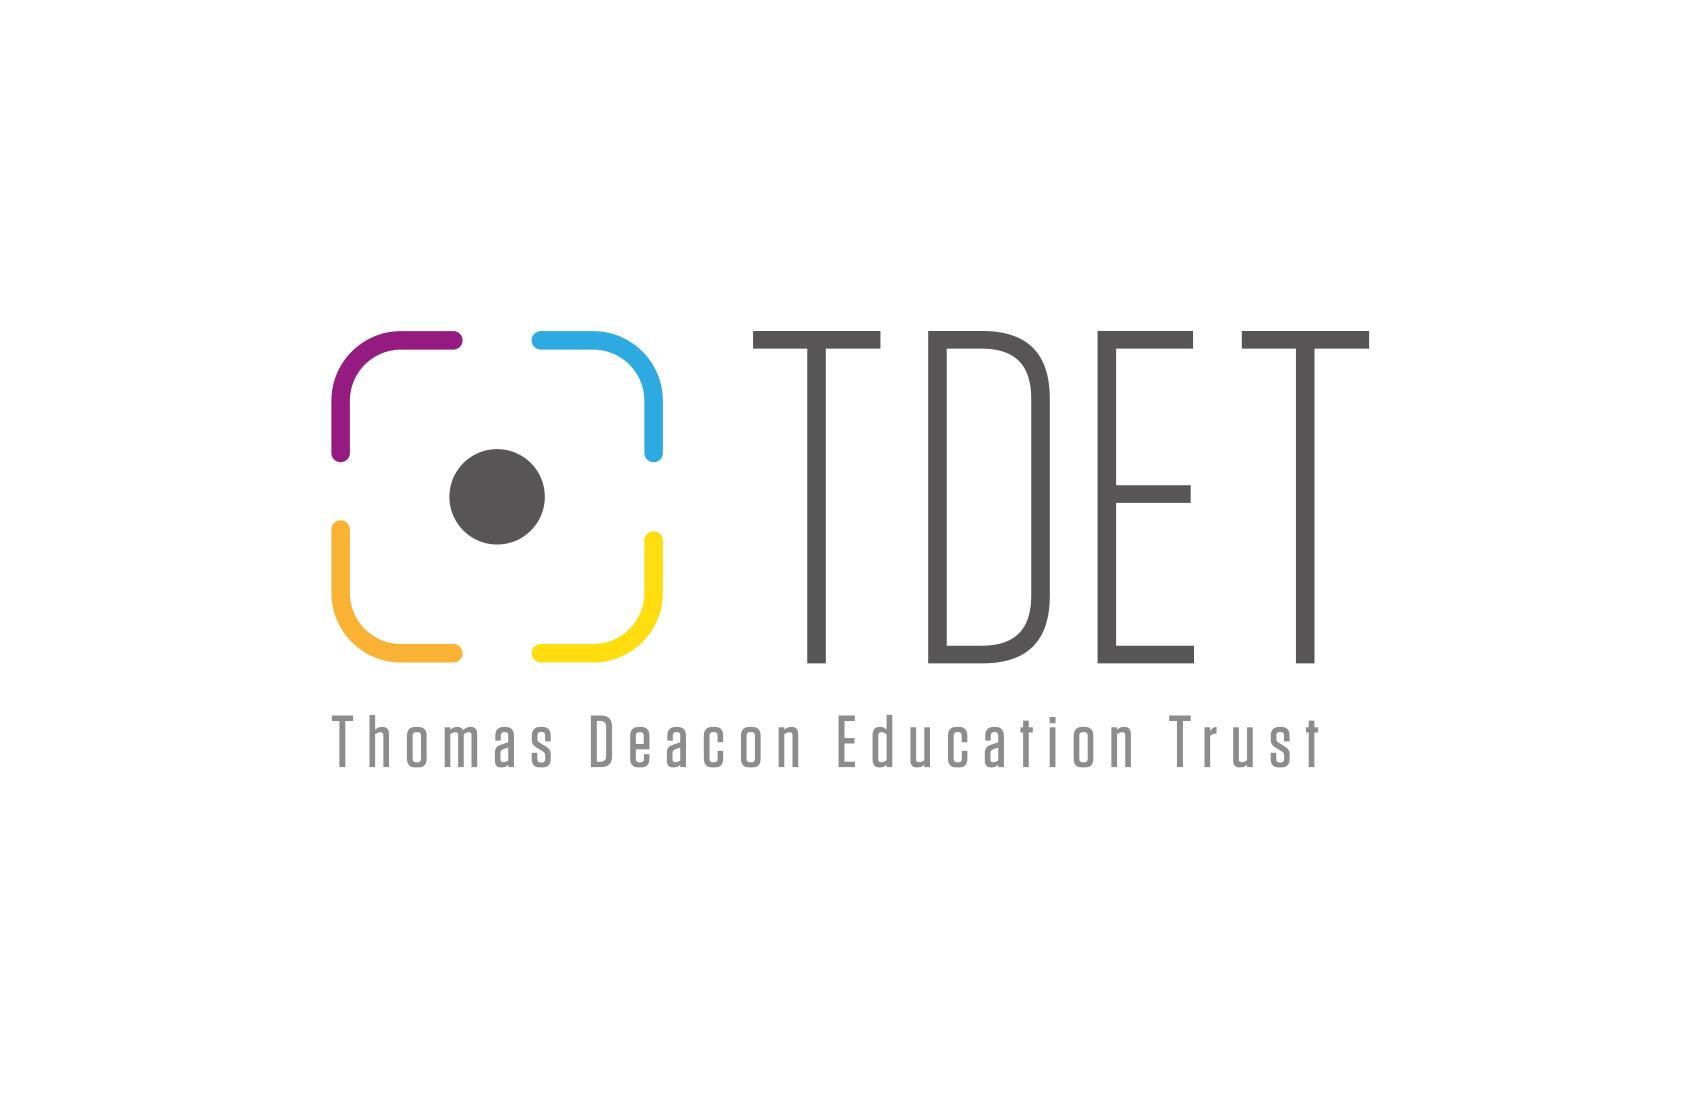 Thomas Deacon Academy